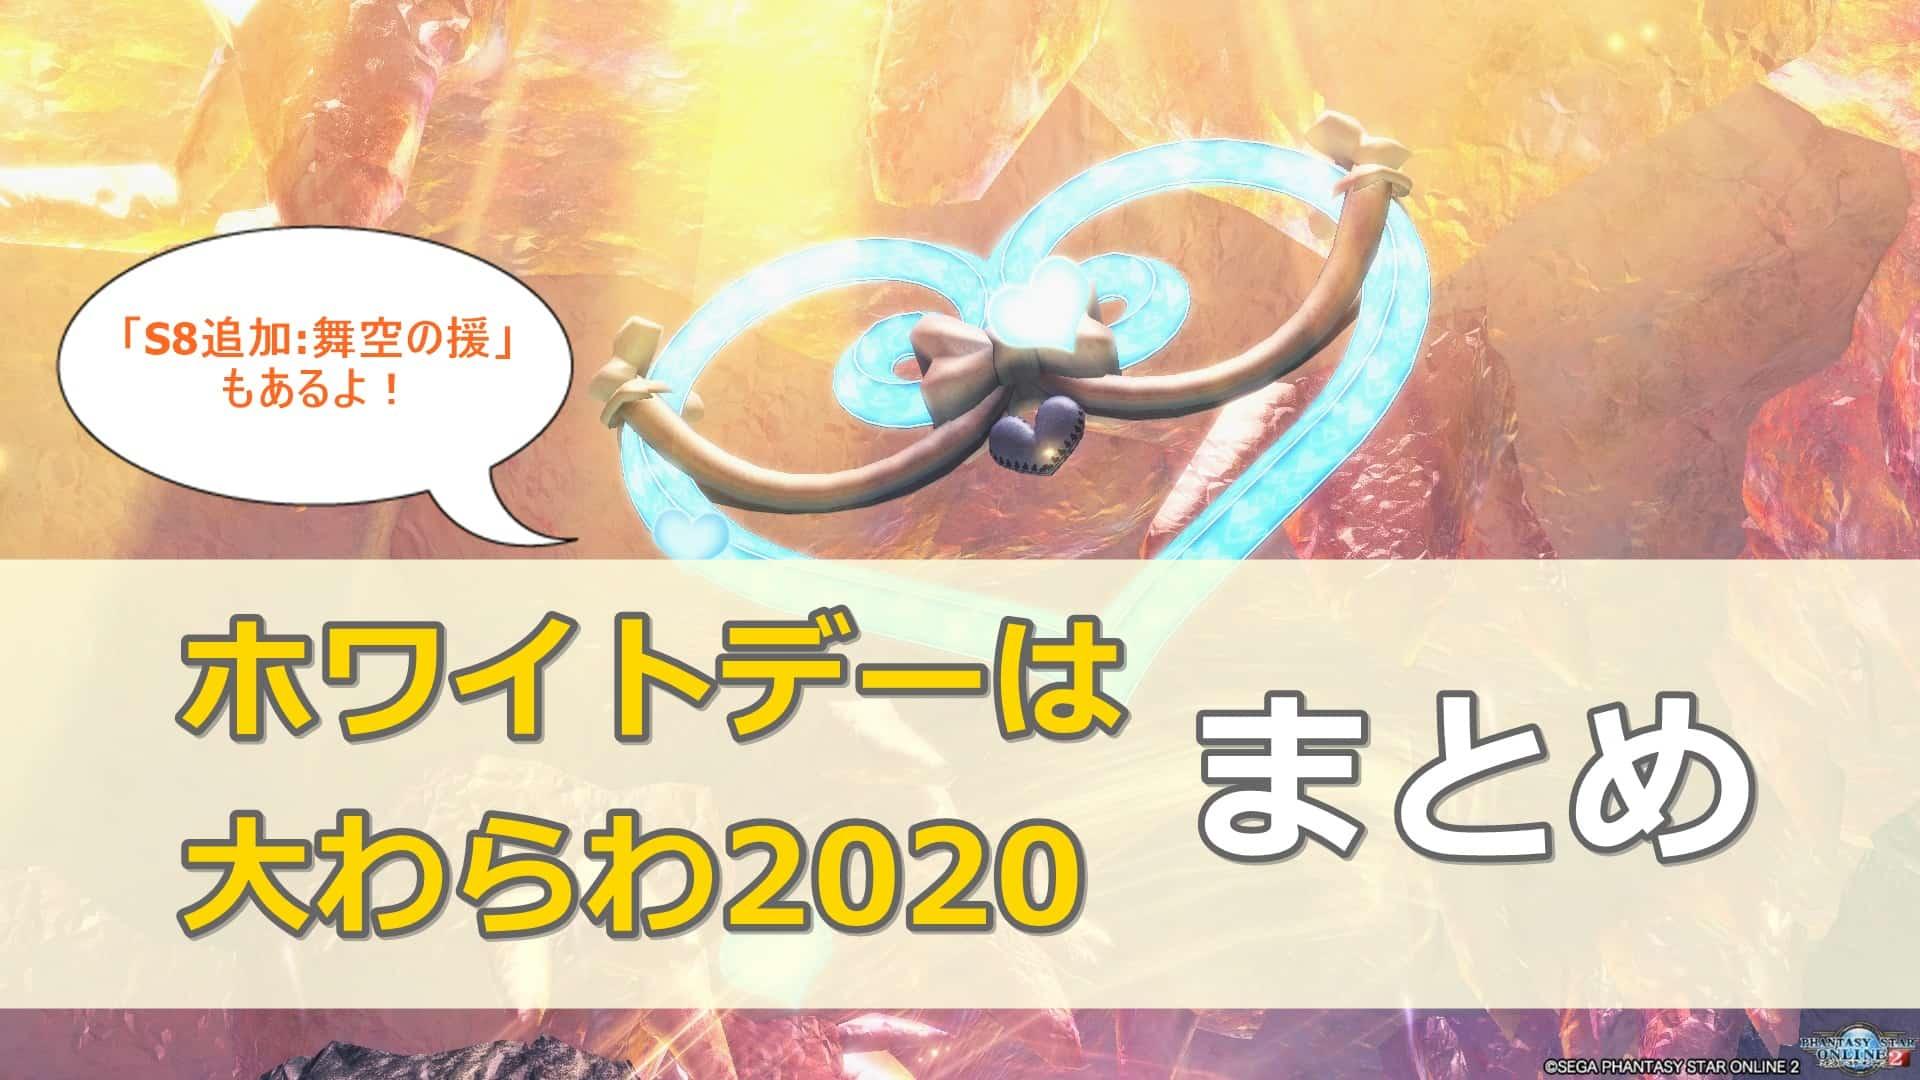 【舞空の援】ホワイトデーは大わらわ2020の攻略まとめ(ホワ緊)